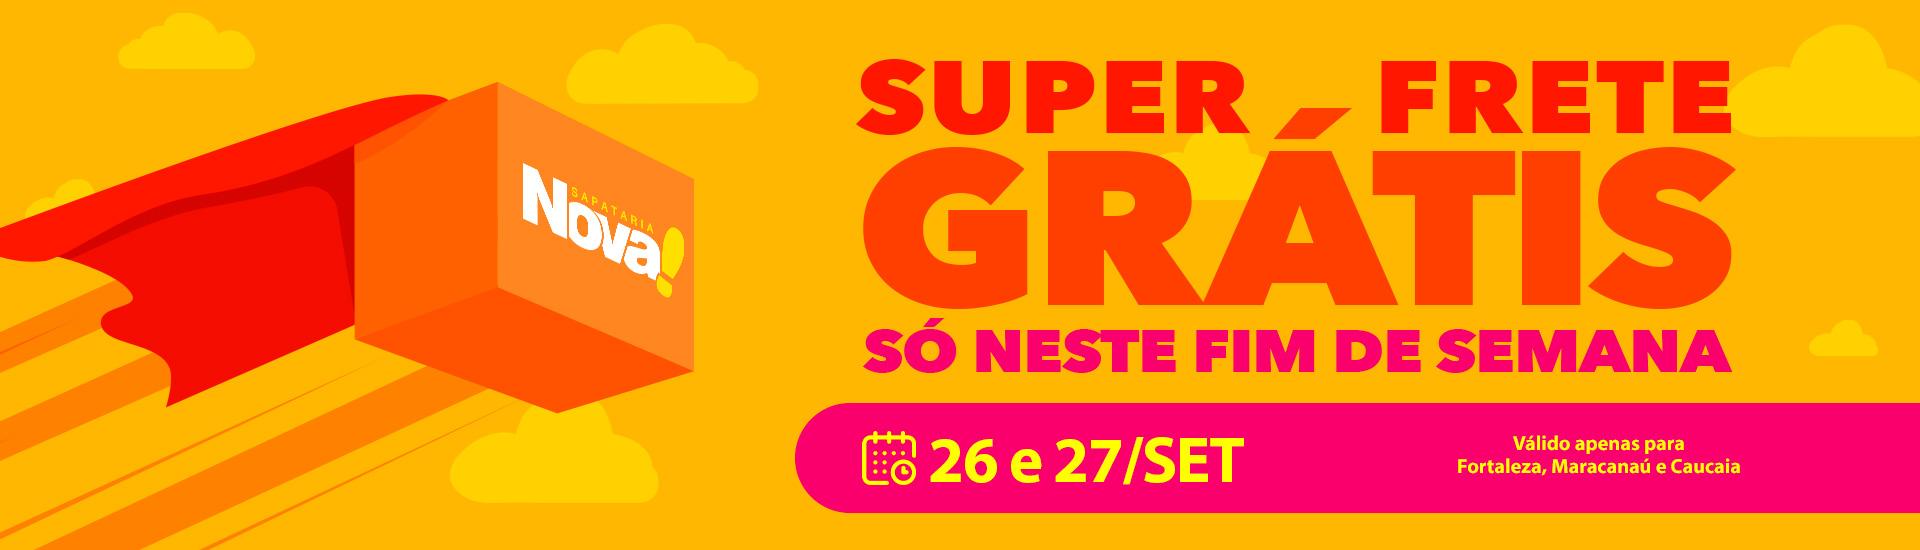 Super frete Grátis - Final de semana